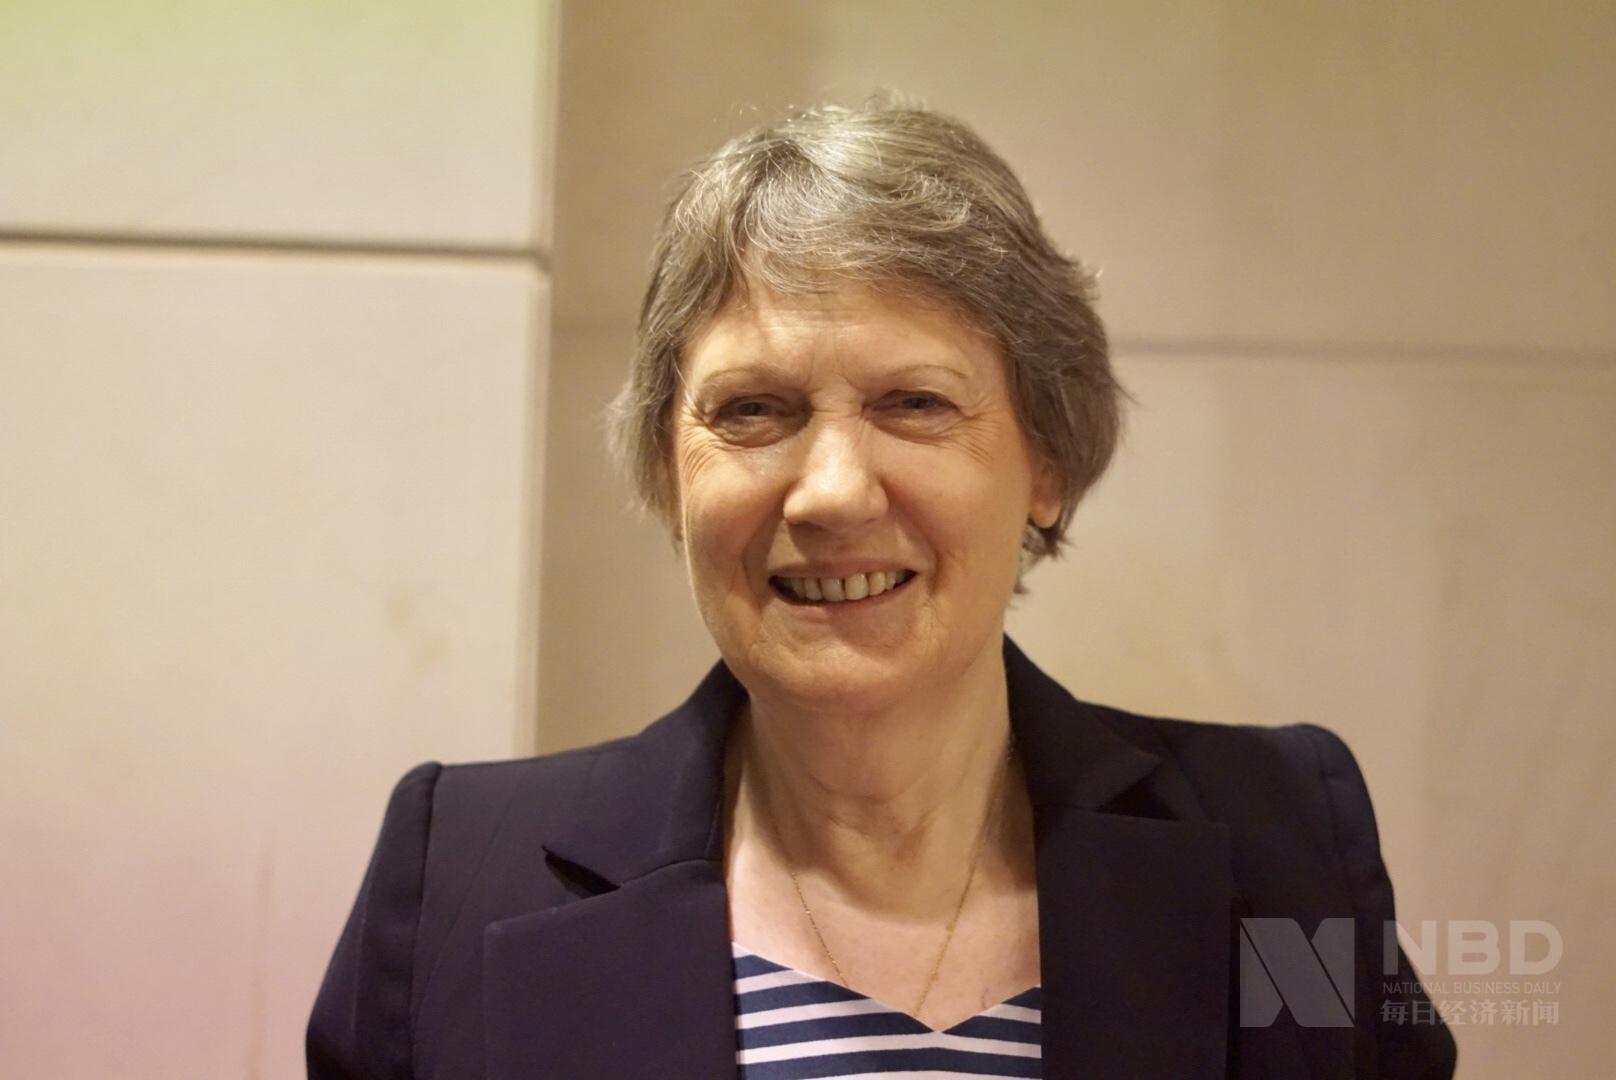 专访新西兰前总理:脱贫成就是中国最亮眼的成绩之一